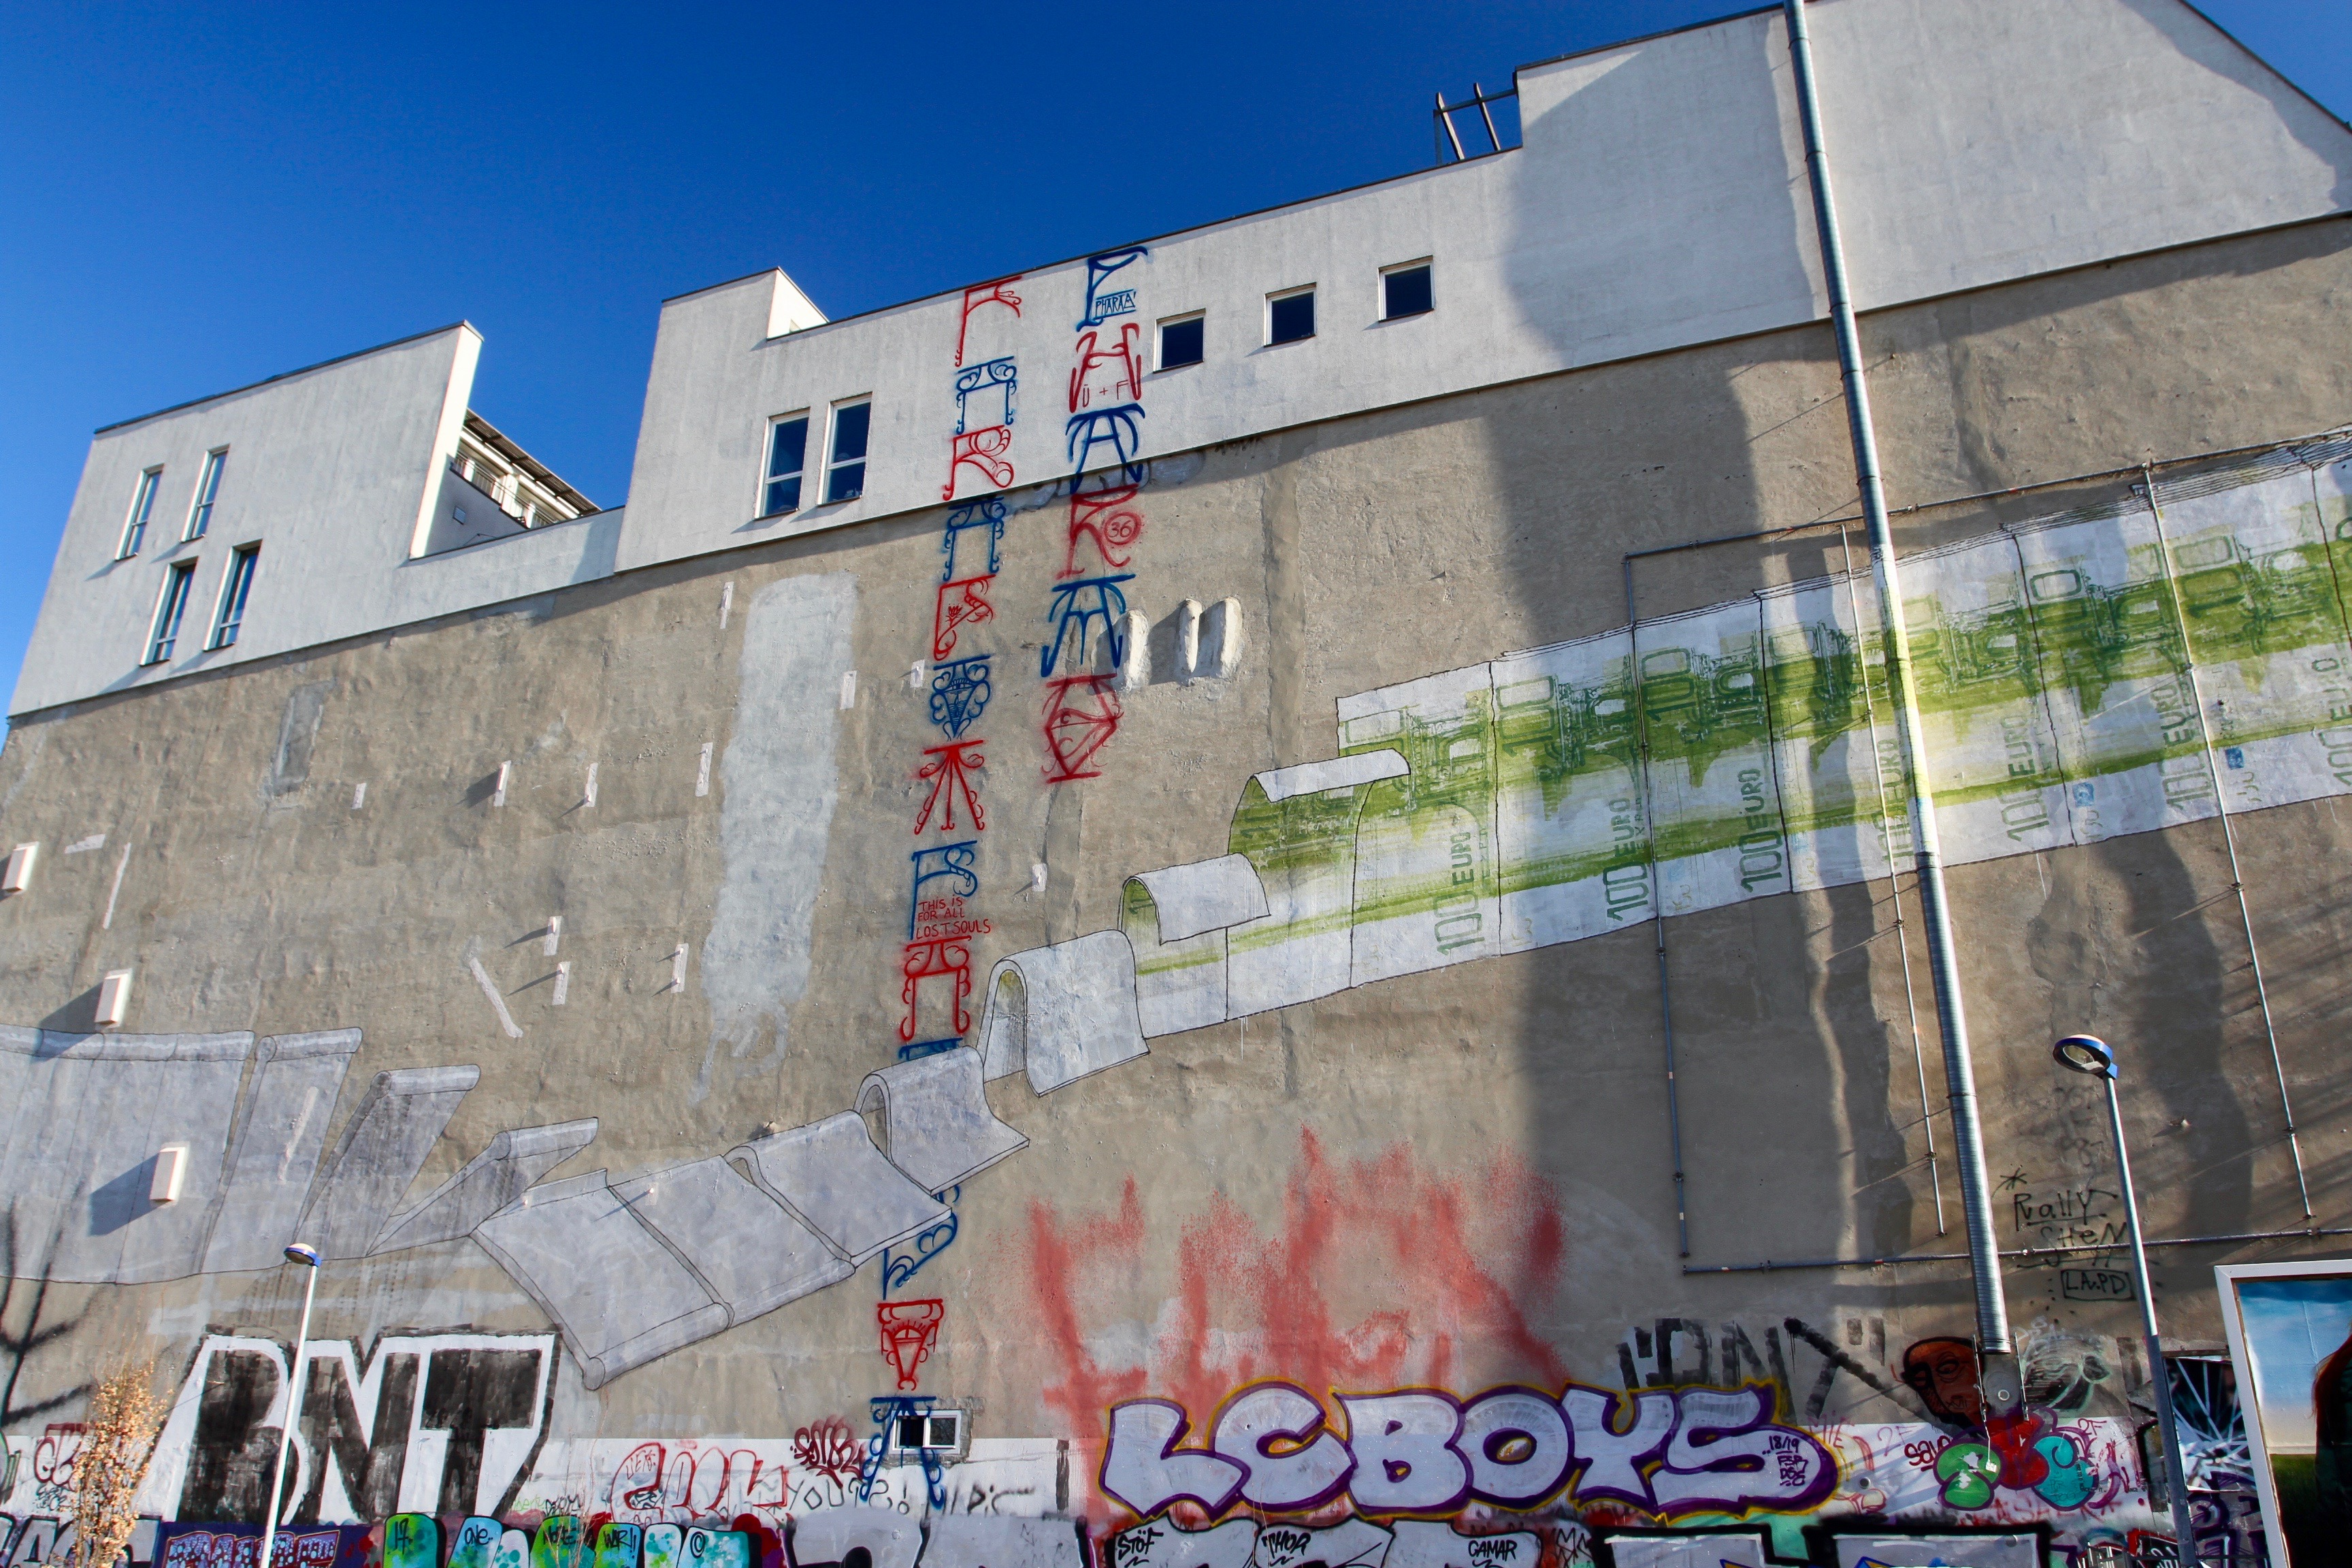 Wall by Blu, Berlin Street Art, Germany